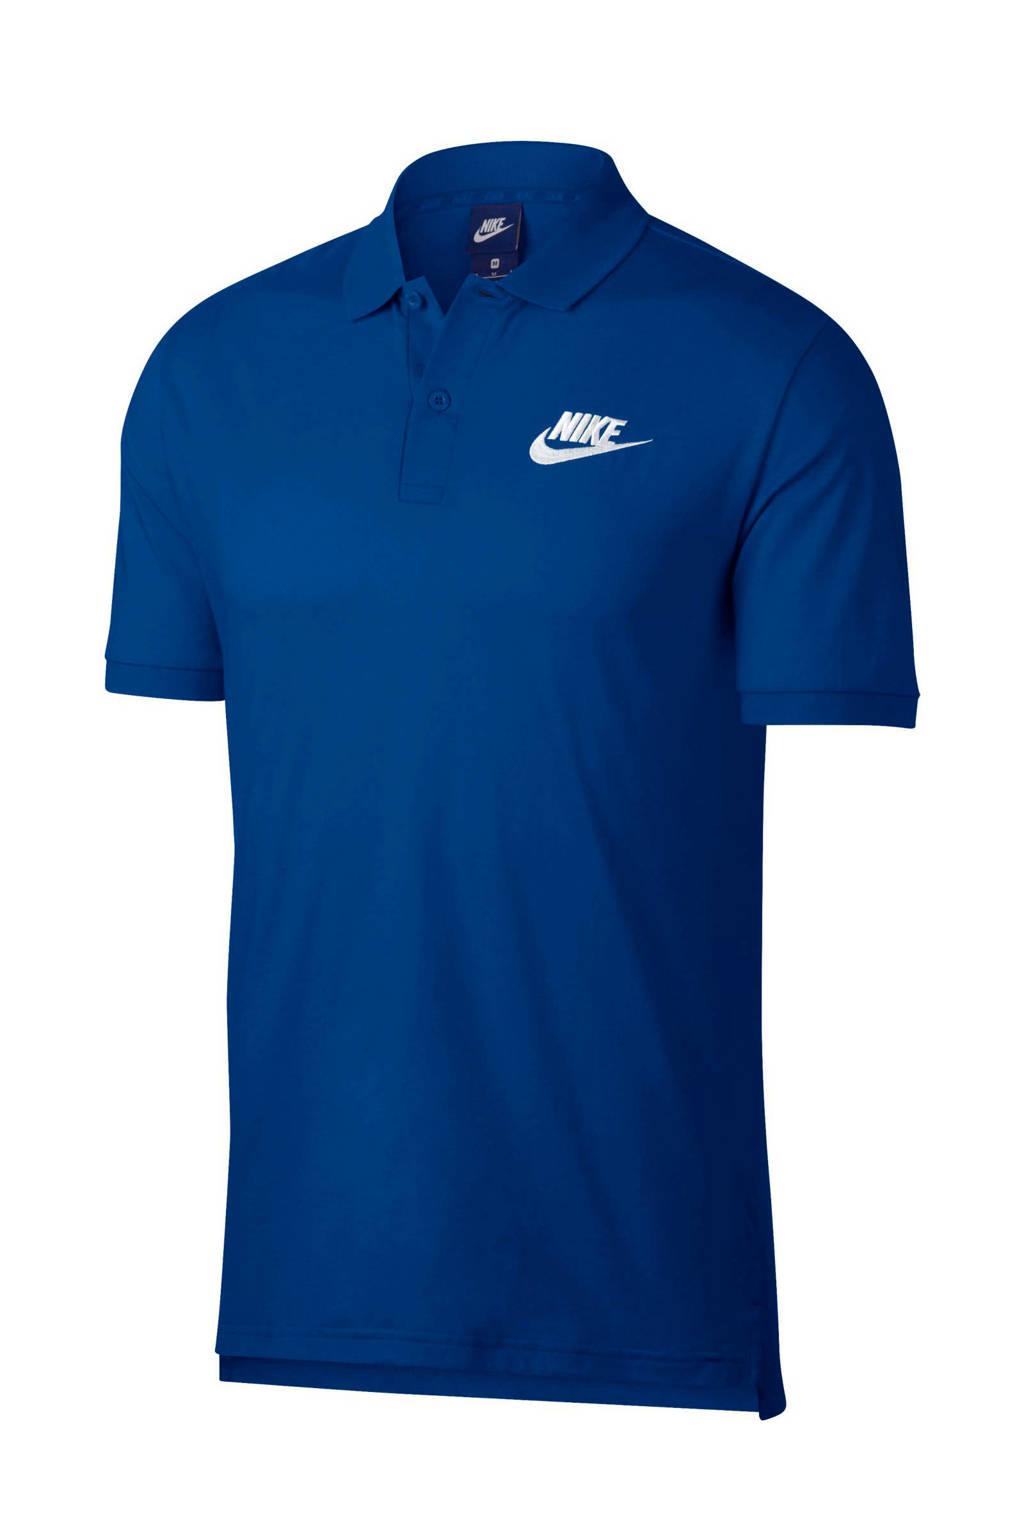 Nike   polo, Blauw